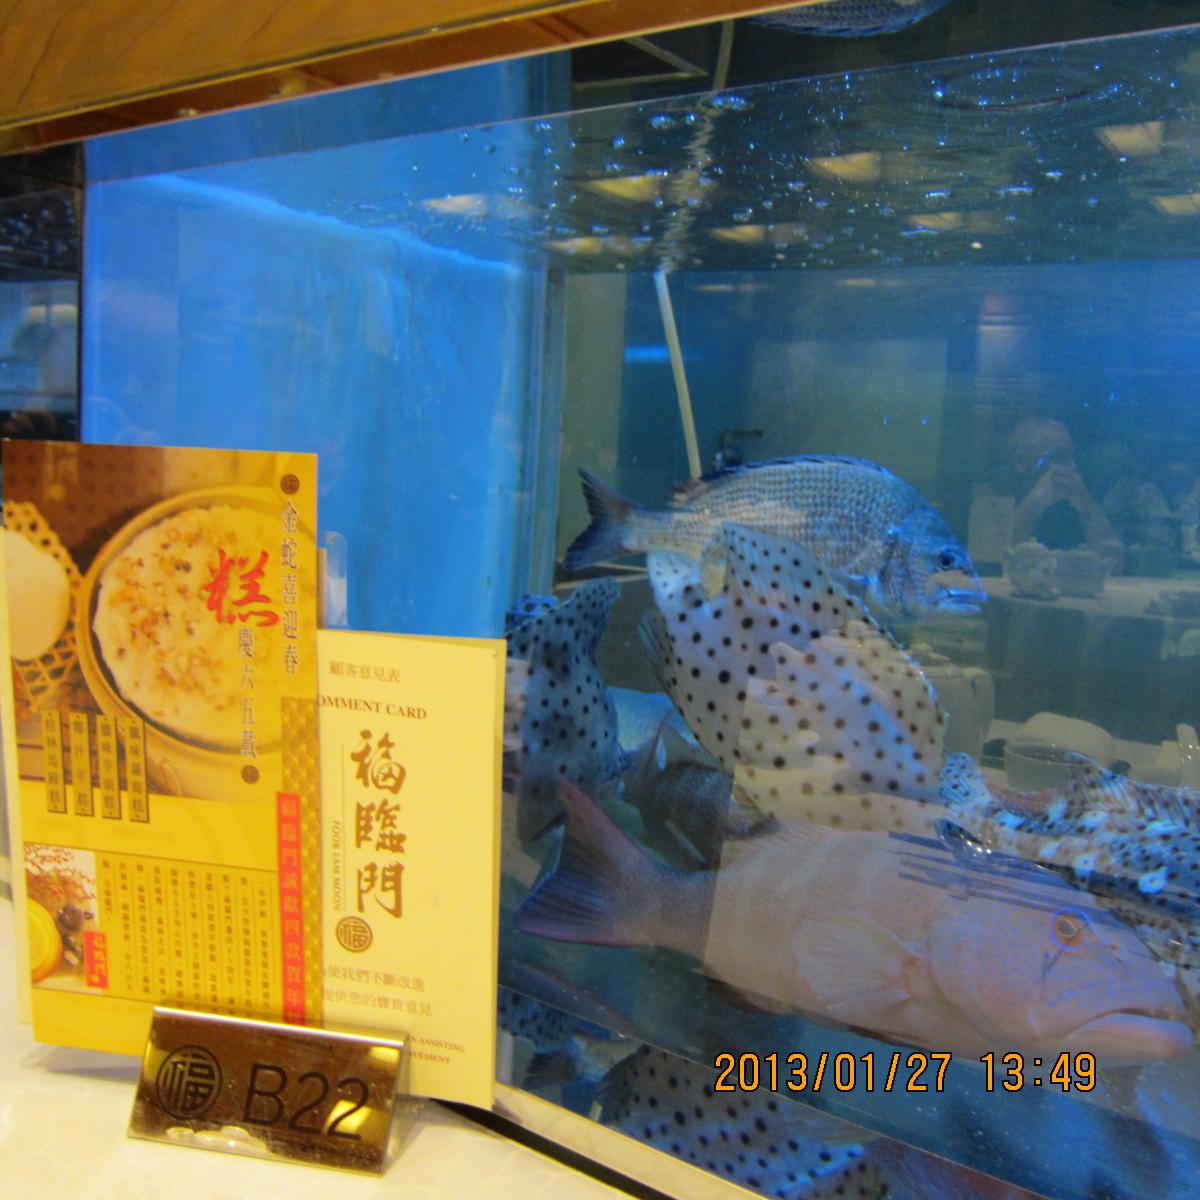 香港でグルメ(広東料理)を満喫するならここ